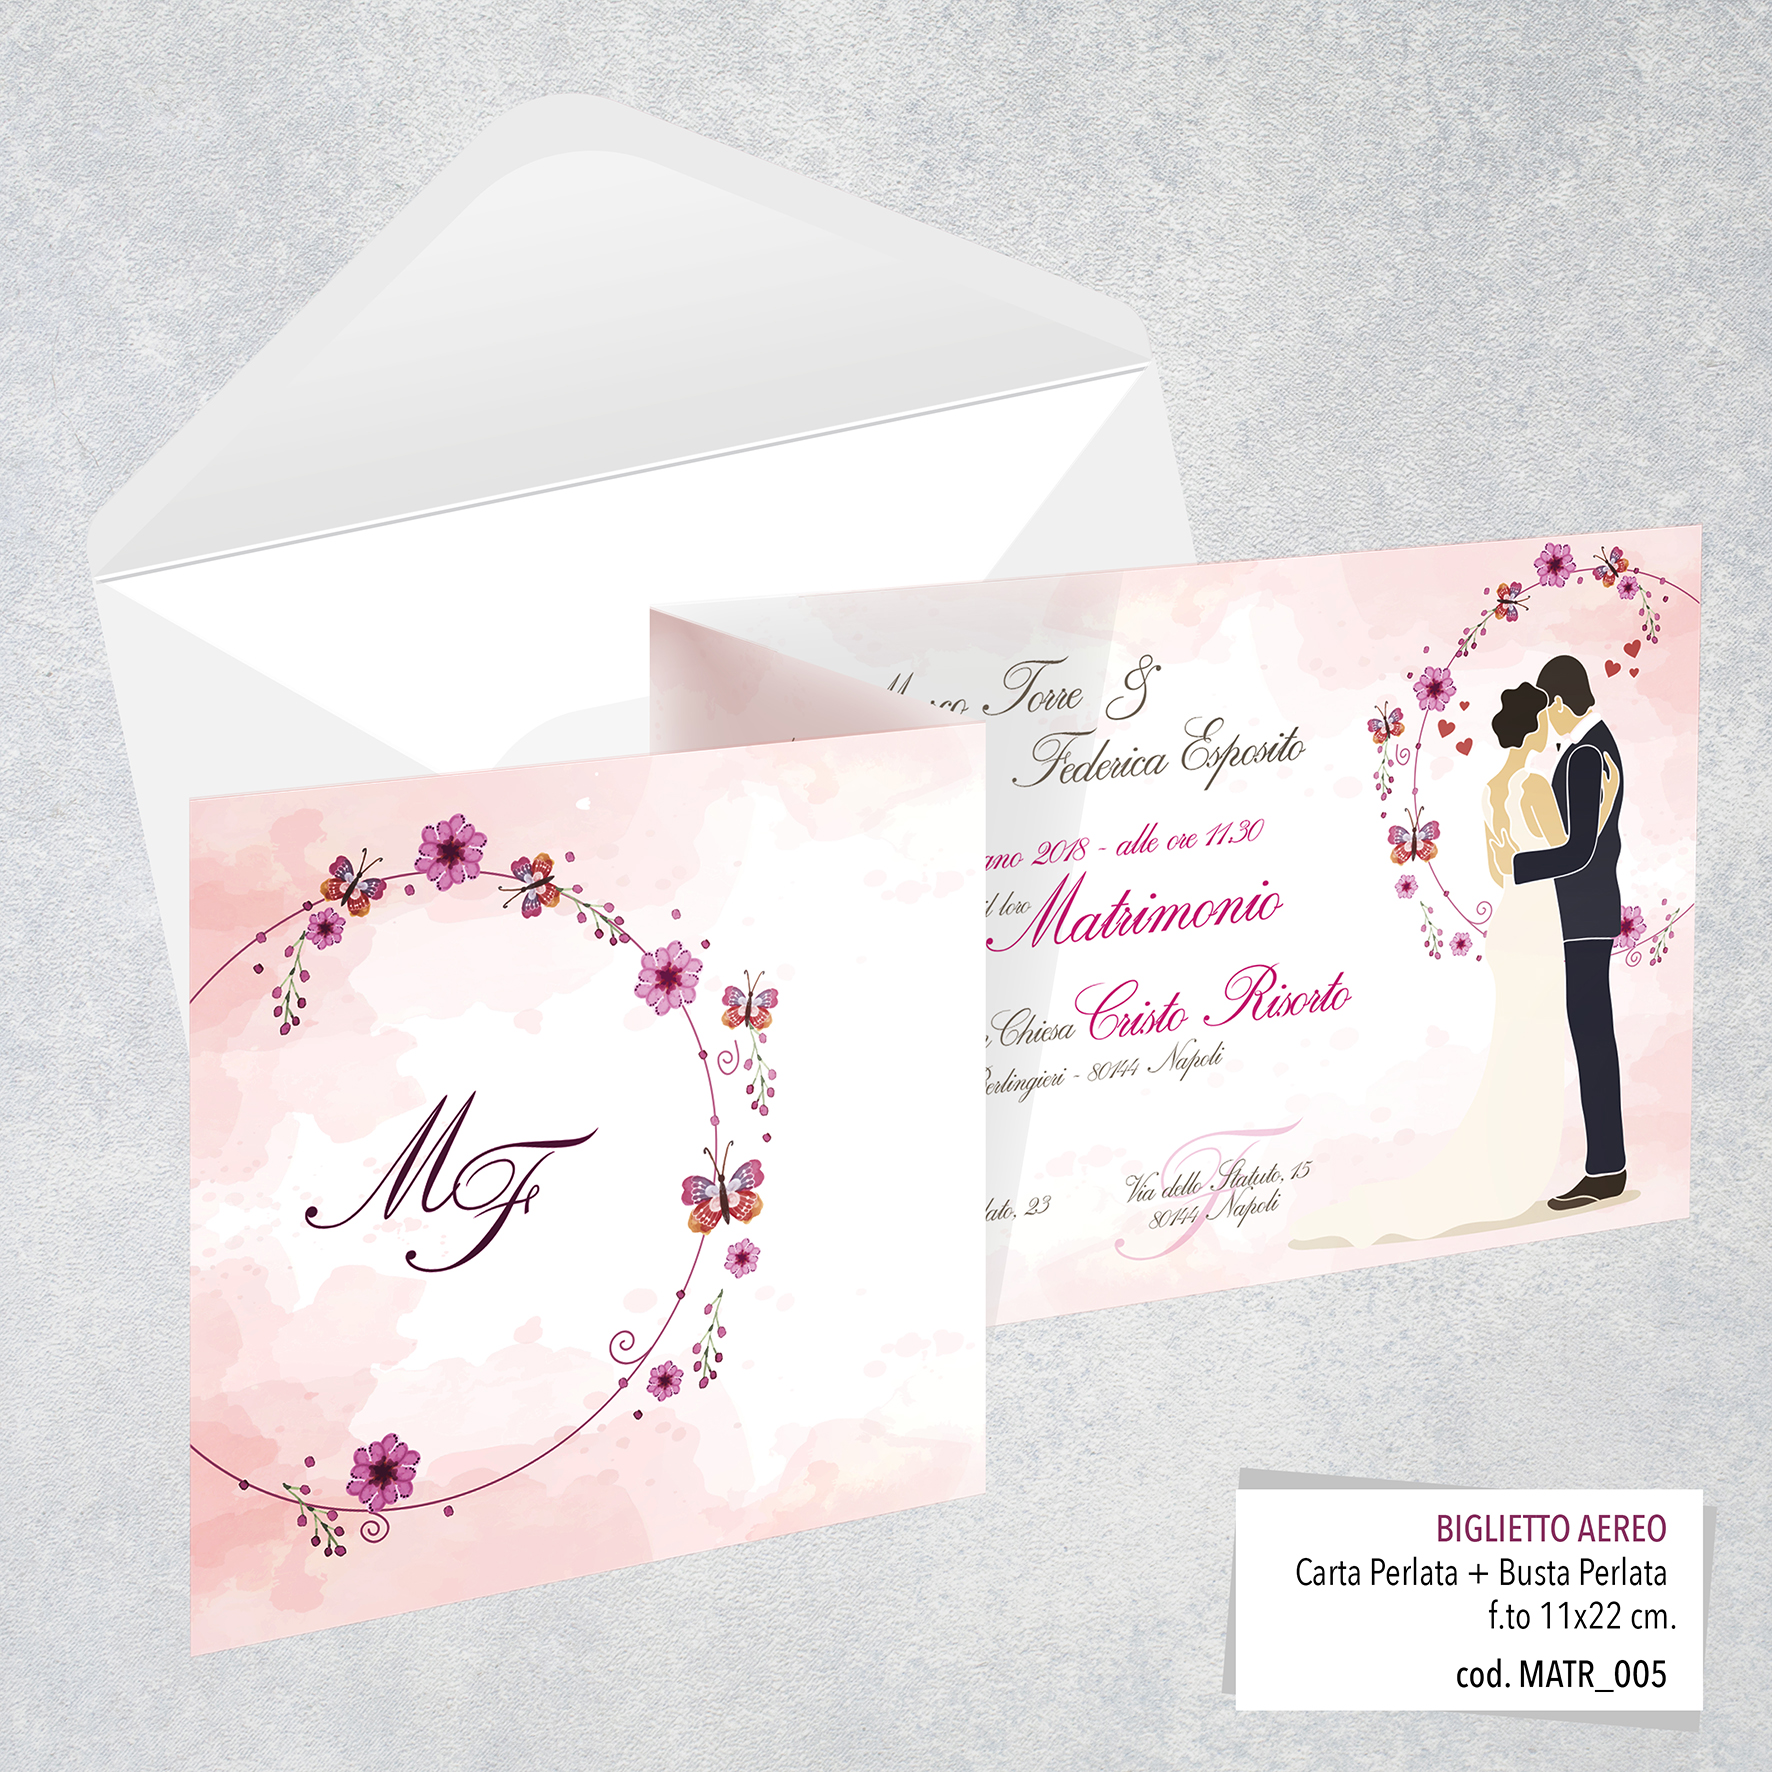 Partecipazioni Matrimonio A 0 50.Partecipazioni Matrimonio Lagigroup Tipografia E Stampa